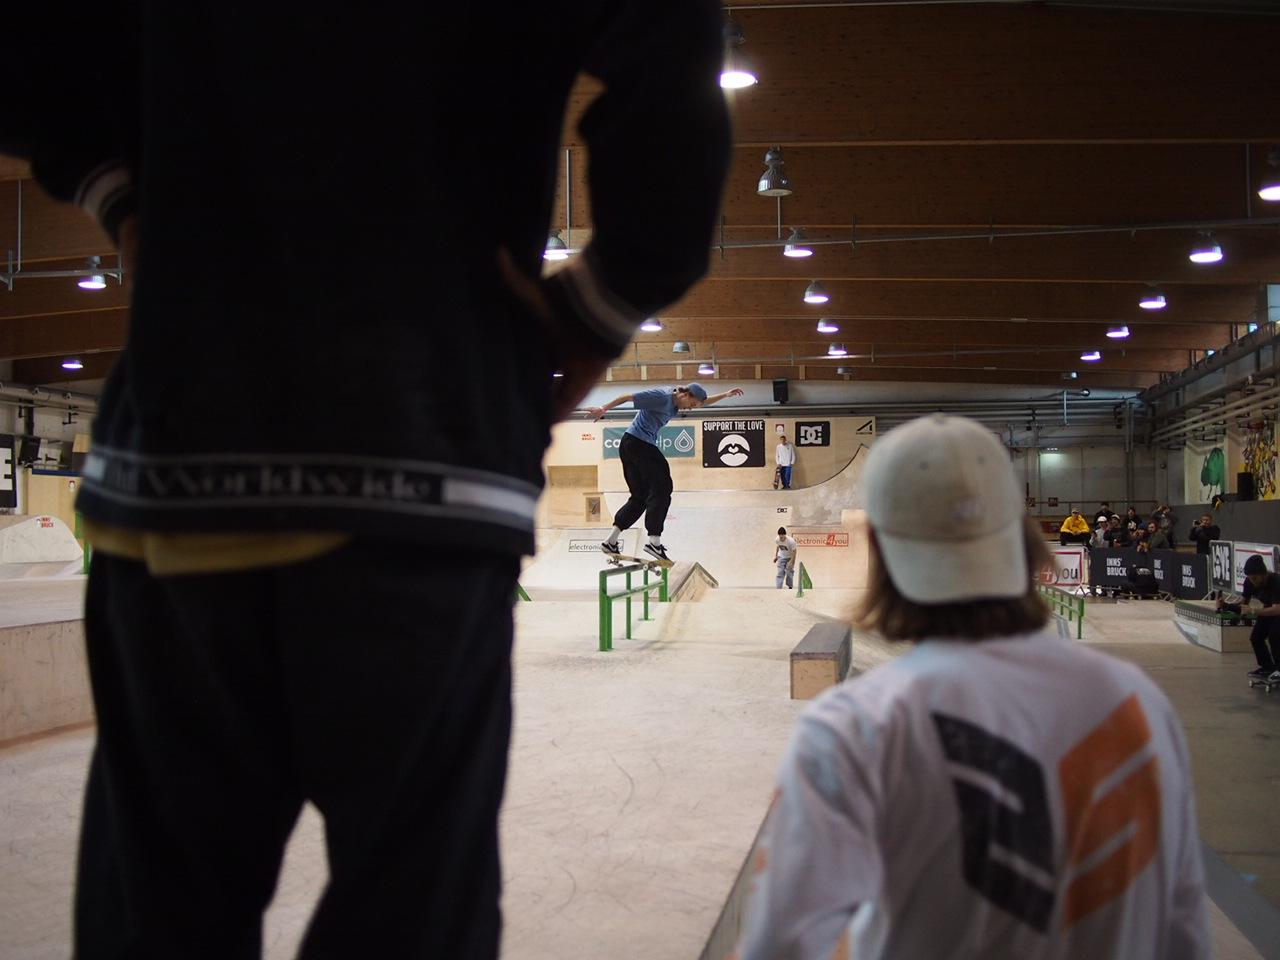 Skateboarder*innen